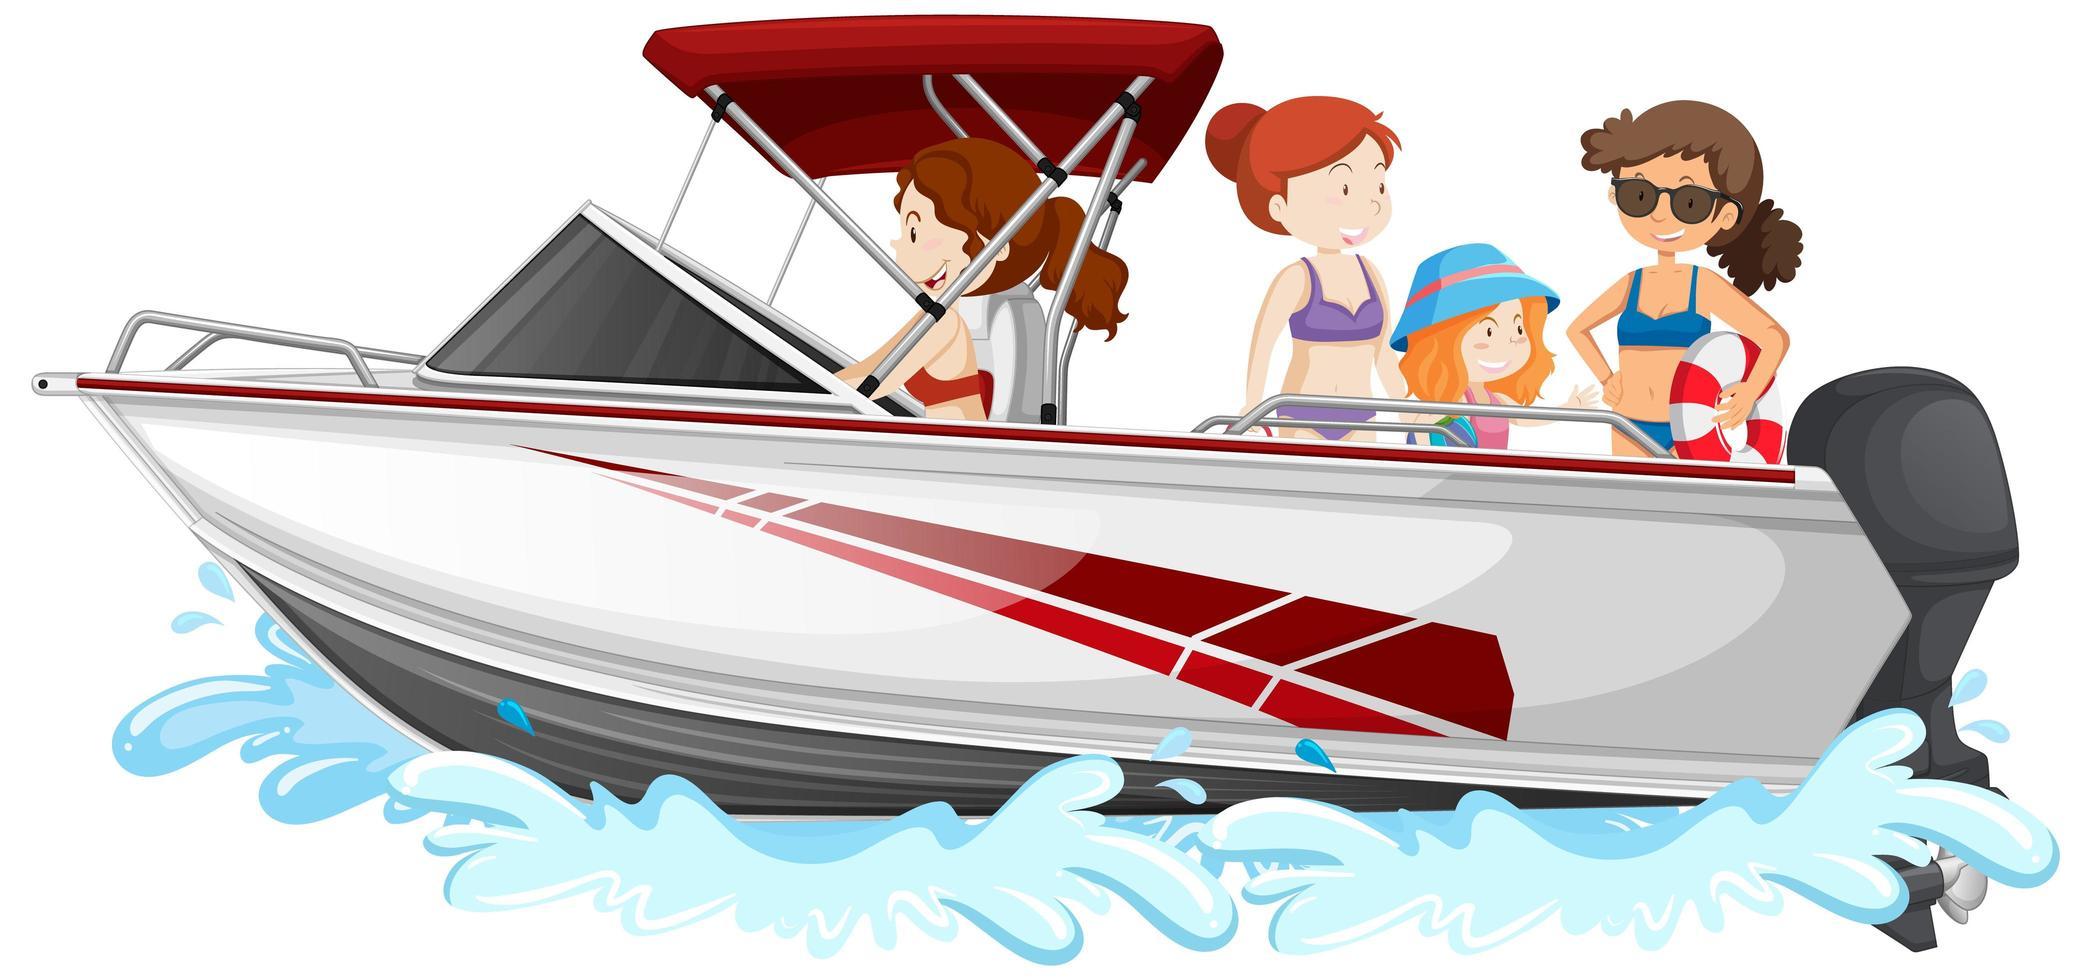 personnes debout sur un bateau de vitesse isolé sur fond blanc vecteur